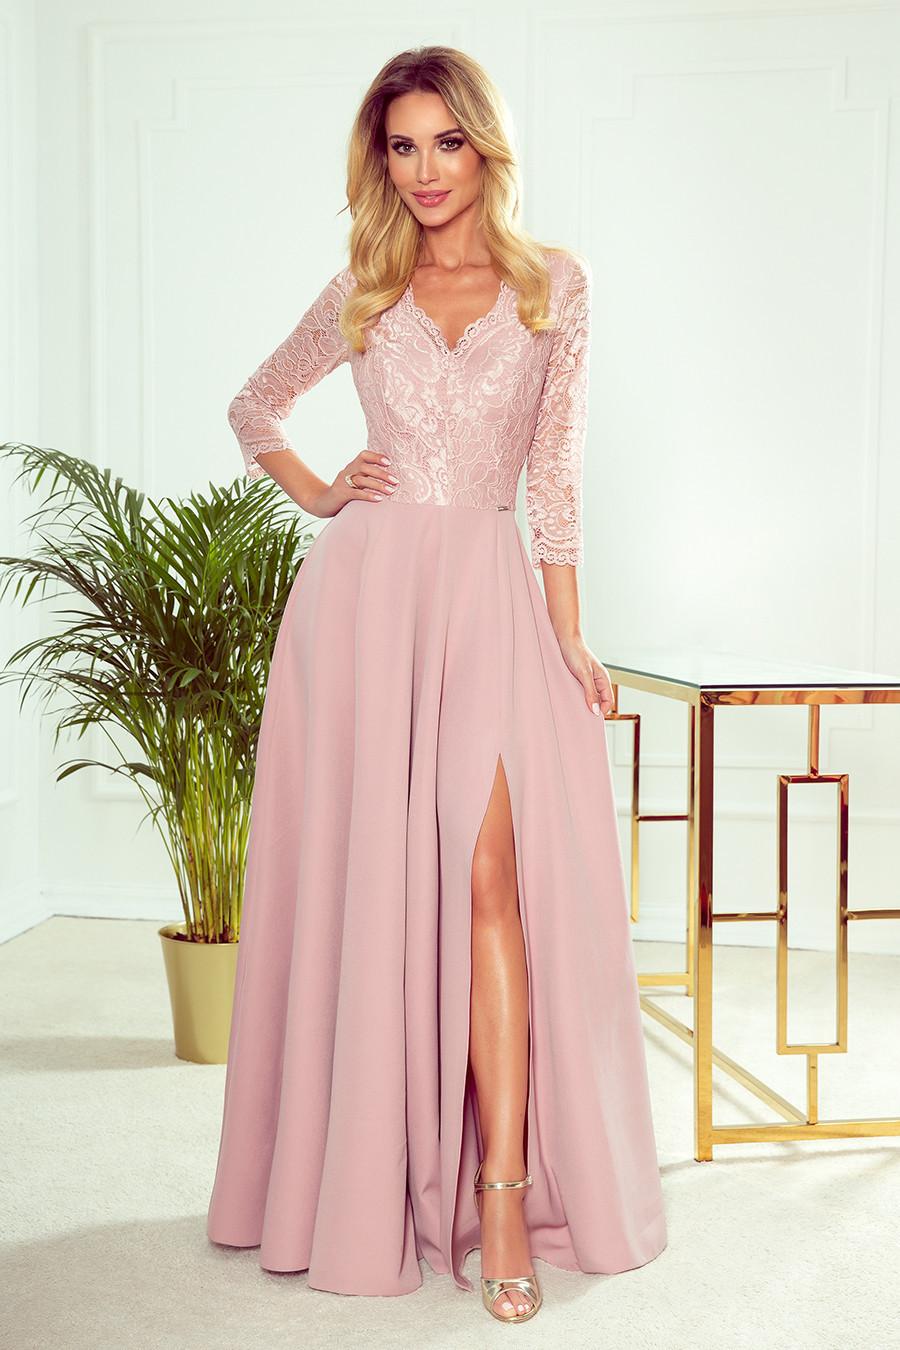 AMBER - Elegantní dlouhé krajkové dámské šaty v pudrově růžové barvě s dekoltem 309-4 M